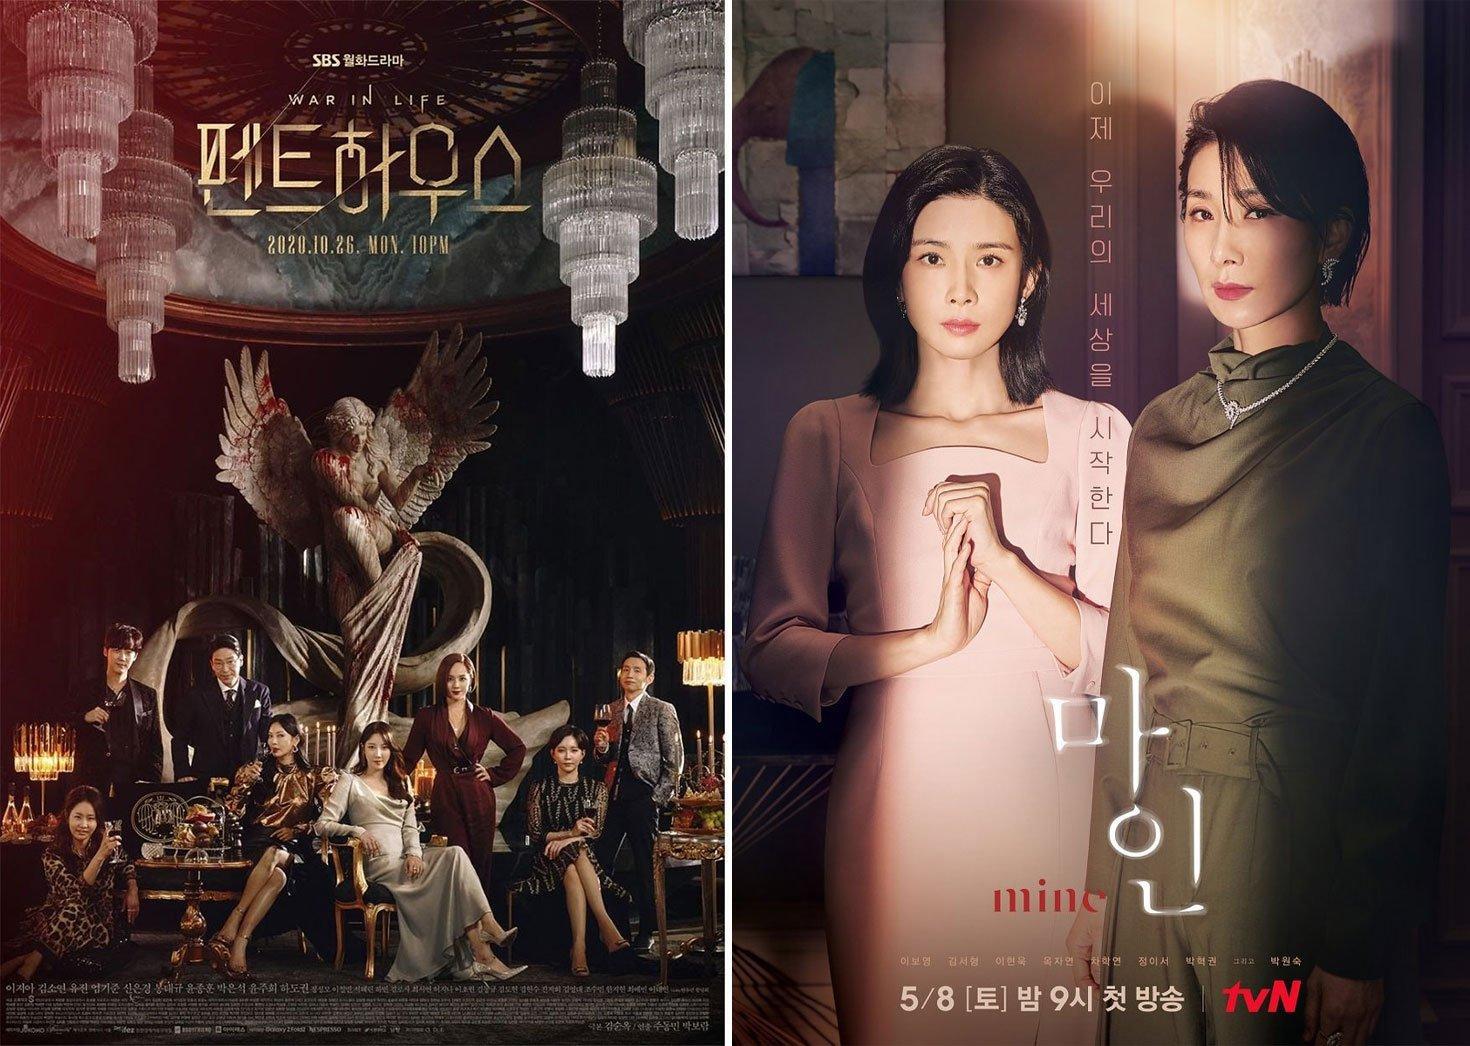 Choáng ngợp với những bộ phim về giới thượng lưu Hàn Quốc đáng xem nhất